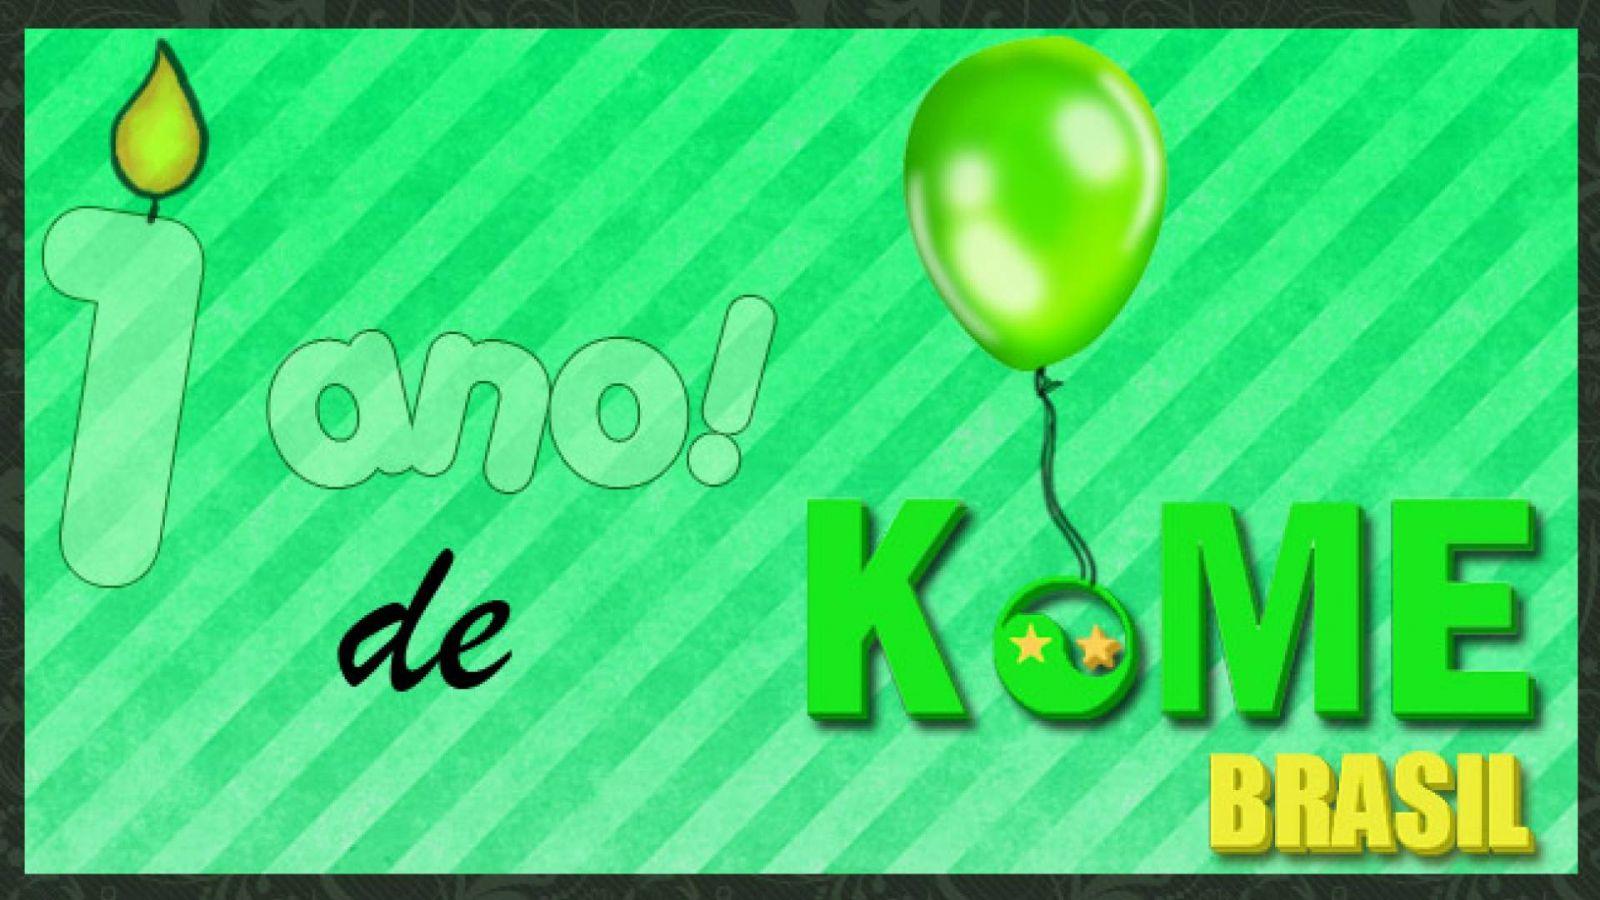 Resultado do Concurso: 1 ano de KoME Brasil! © KoME